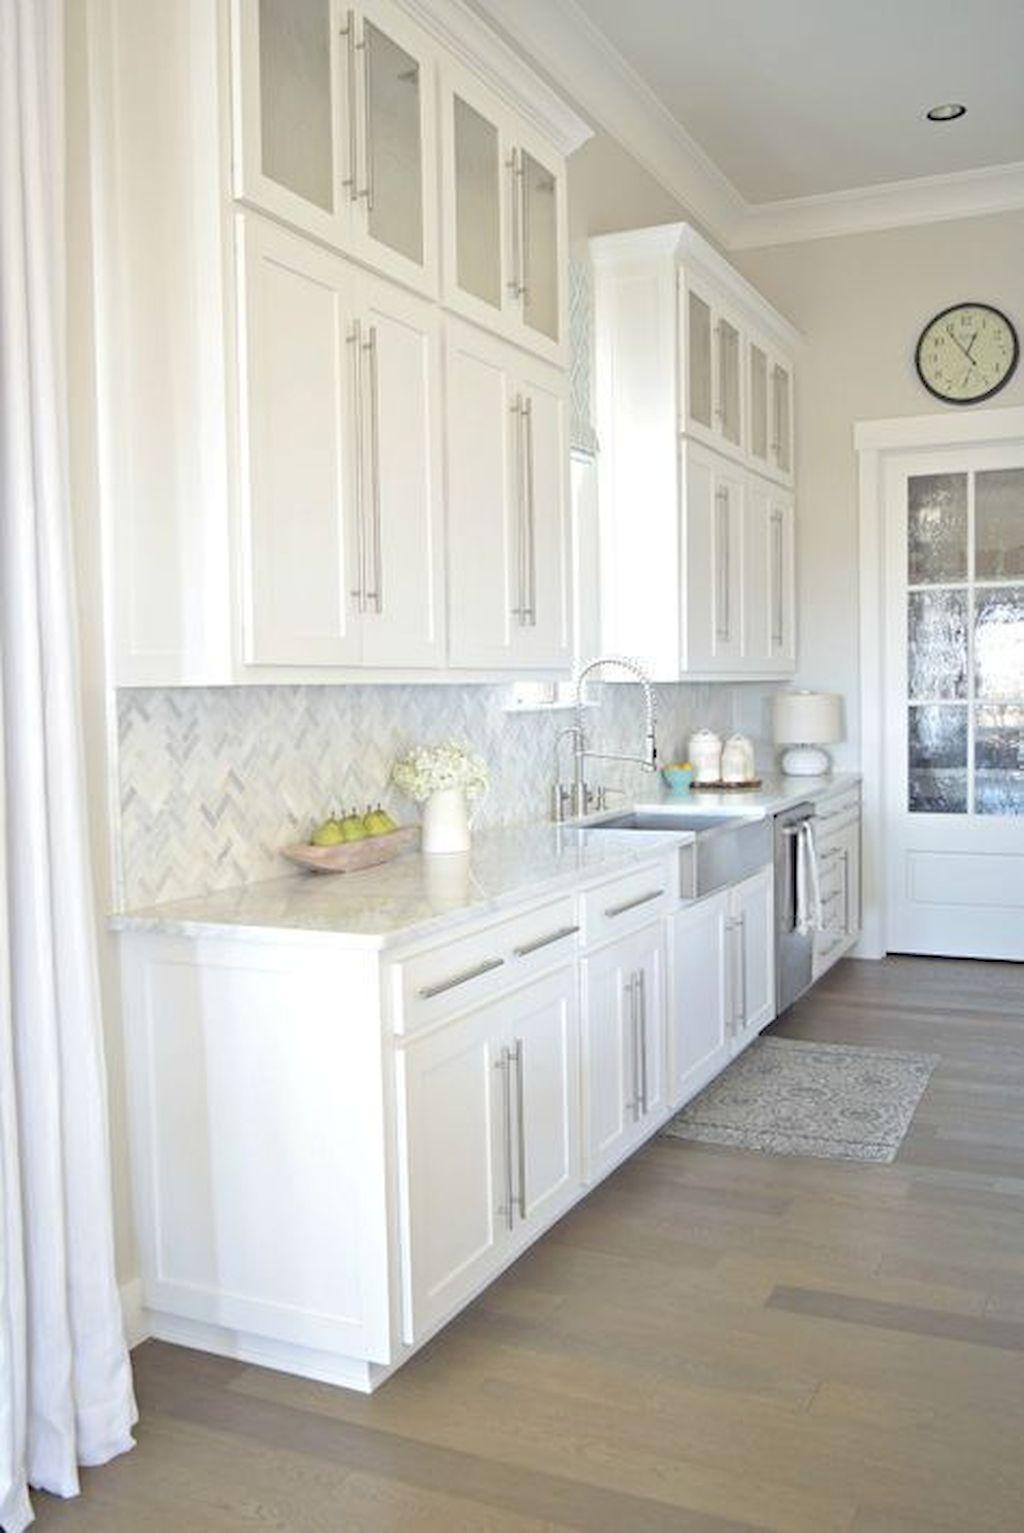 Kitchen Backsplash101